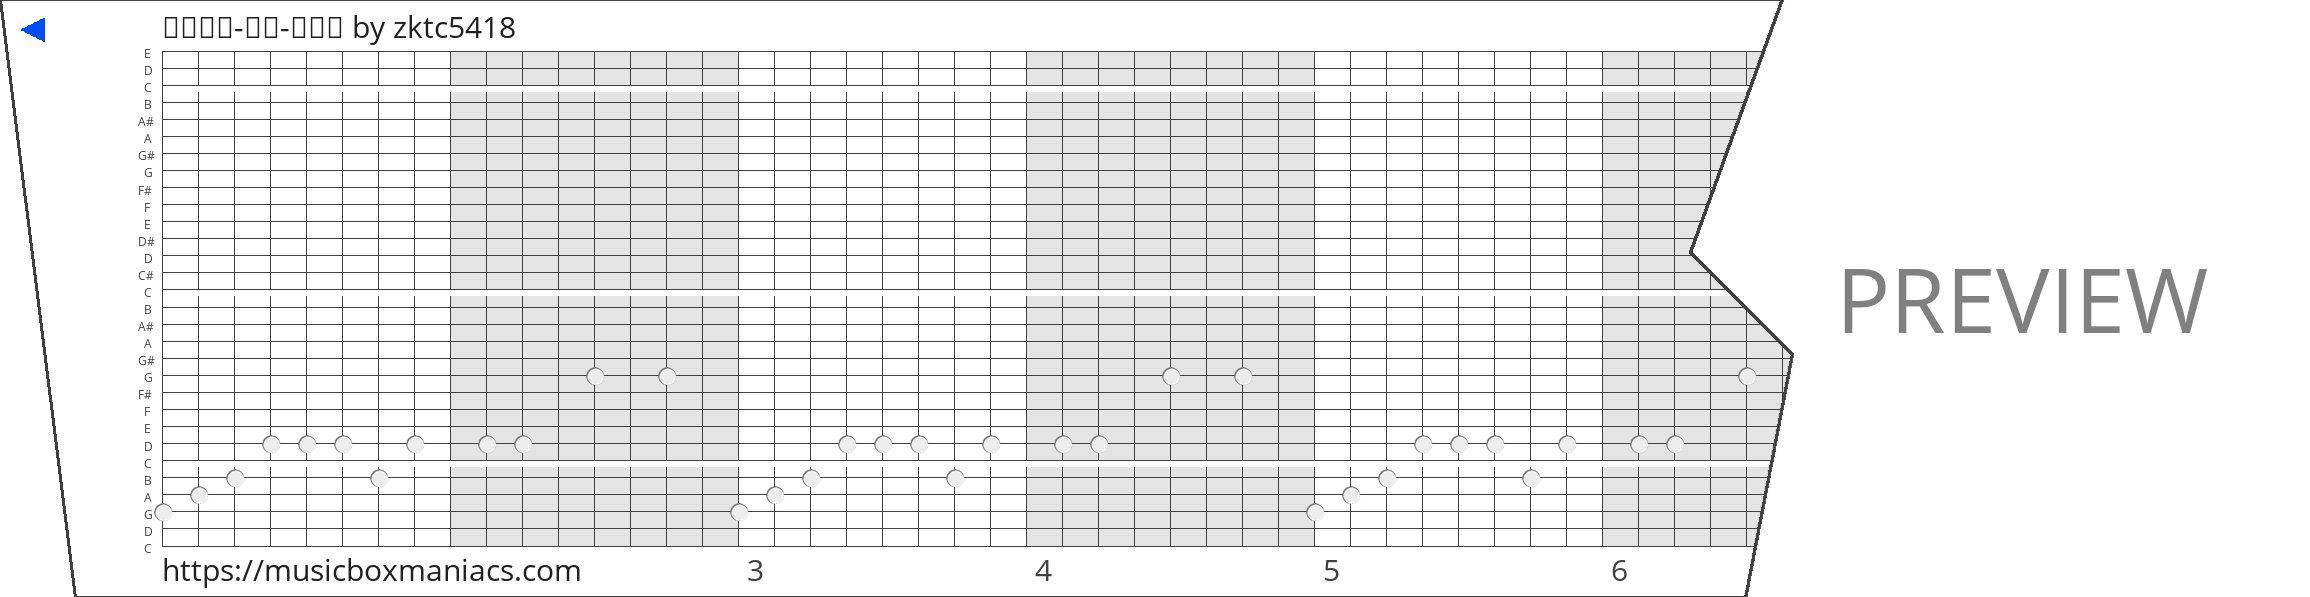 可爱女人-流行-周杰伦 30 note music box paper strip